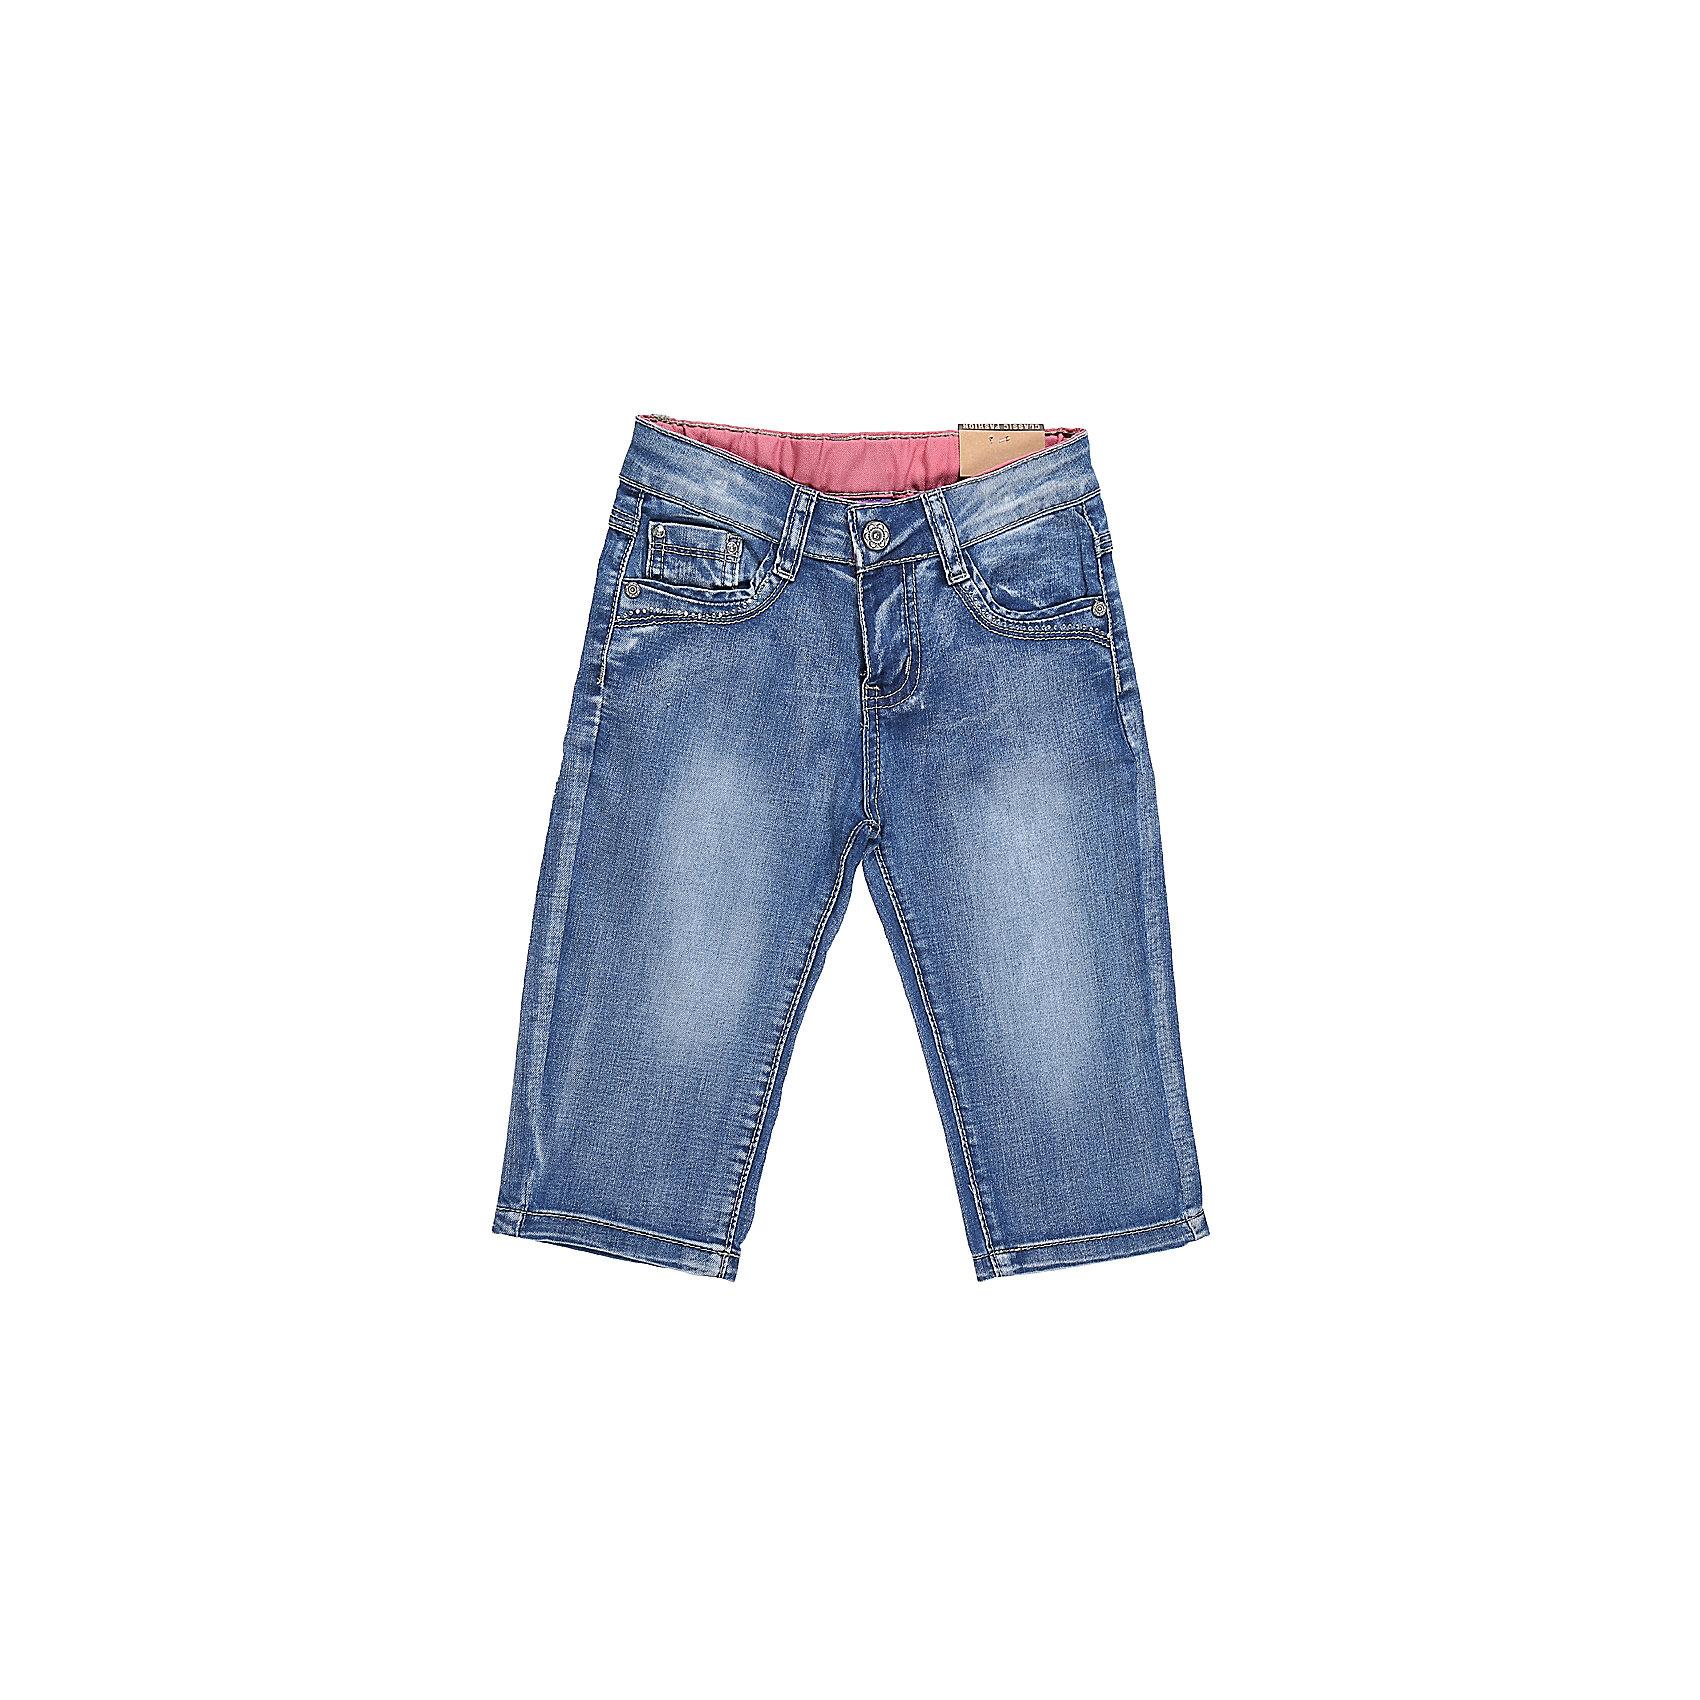 Бриджи джинсовые для девочки Sweet BerryДжинсовая одежда<br>Стильные джинсовые бриджи для девочки. Застегиваются на молнию и пуговицу. Имеют зауженный крой, среднюю посадку. Шлевки на поясе рассчитаны под ремень. В боковой части пояса находятся вшитые эластичные ленты, регулирующие посадку по талии.<br>Состав:<br>98%хлопок 2%эластан<br><br>Ширина мм: 191<br>Глубина мм: 10<br>Высота мм: 175<br>Вес г: 273<br>Цвет: синий<br>Возраст от месяцев: 36<br>Возраст до месяцев: 48<br>Пол: Женский<br>Возраст: Детский<br>Размер: 104,98,110,116,122,128<br>SKU: 5412361